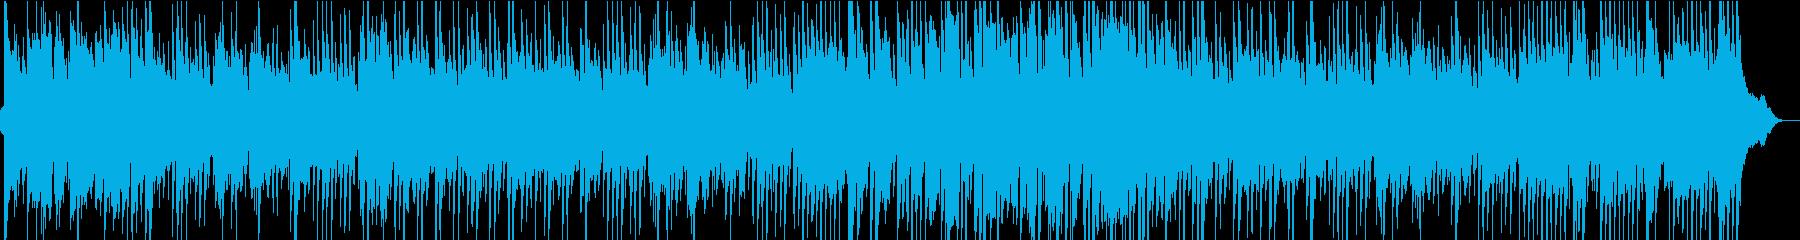 ほのぼの/日常/のんびりポップ生演奏の再生済みの波形